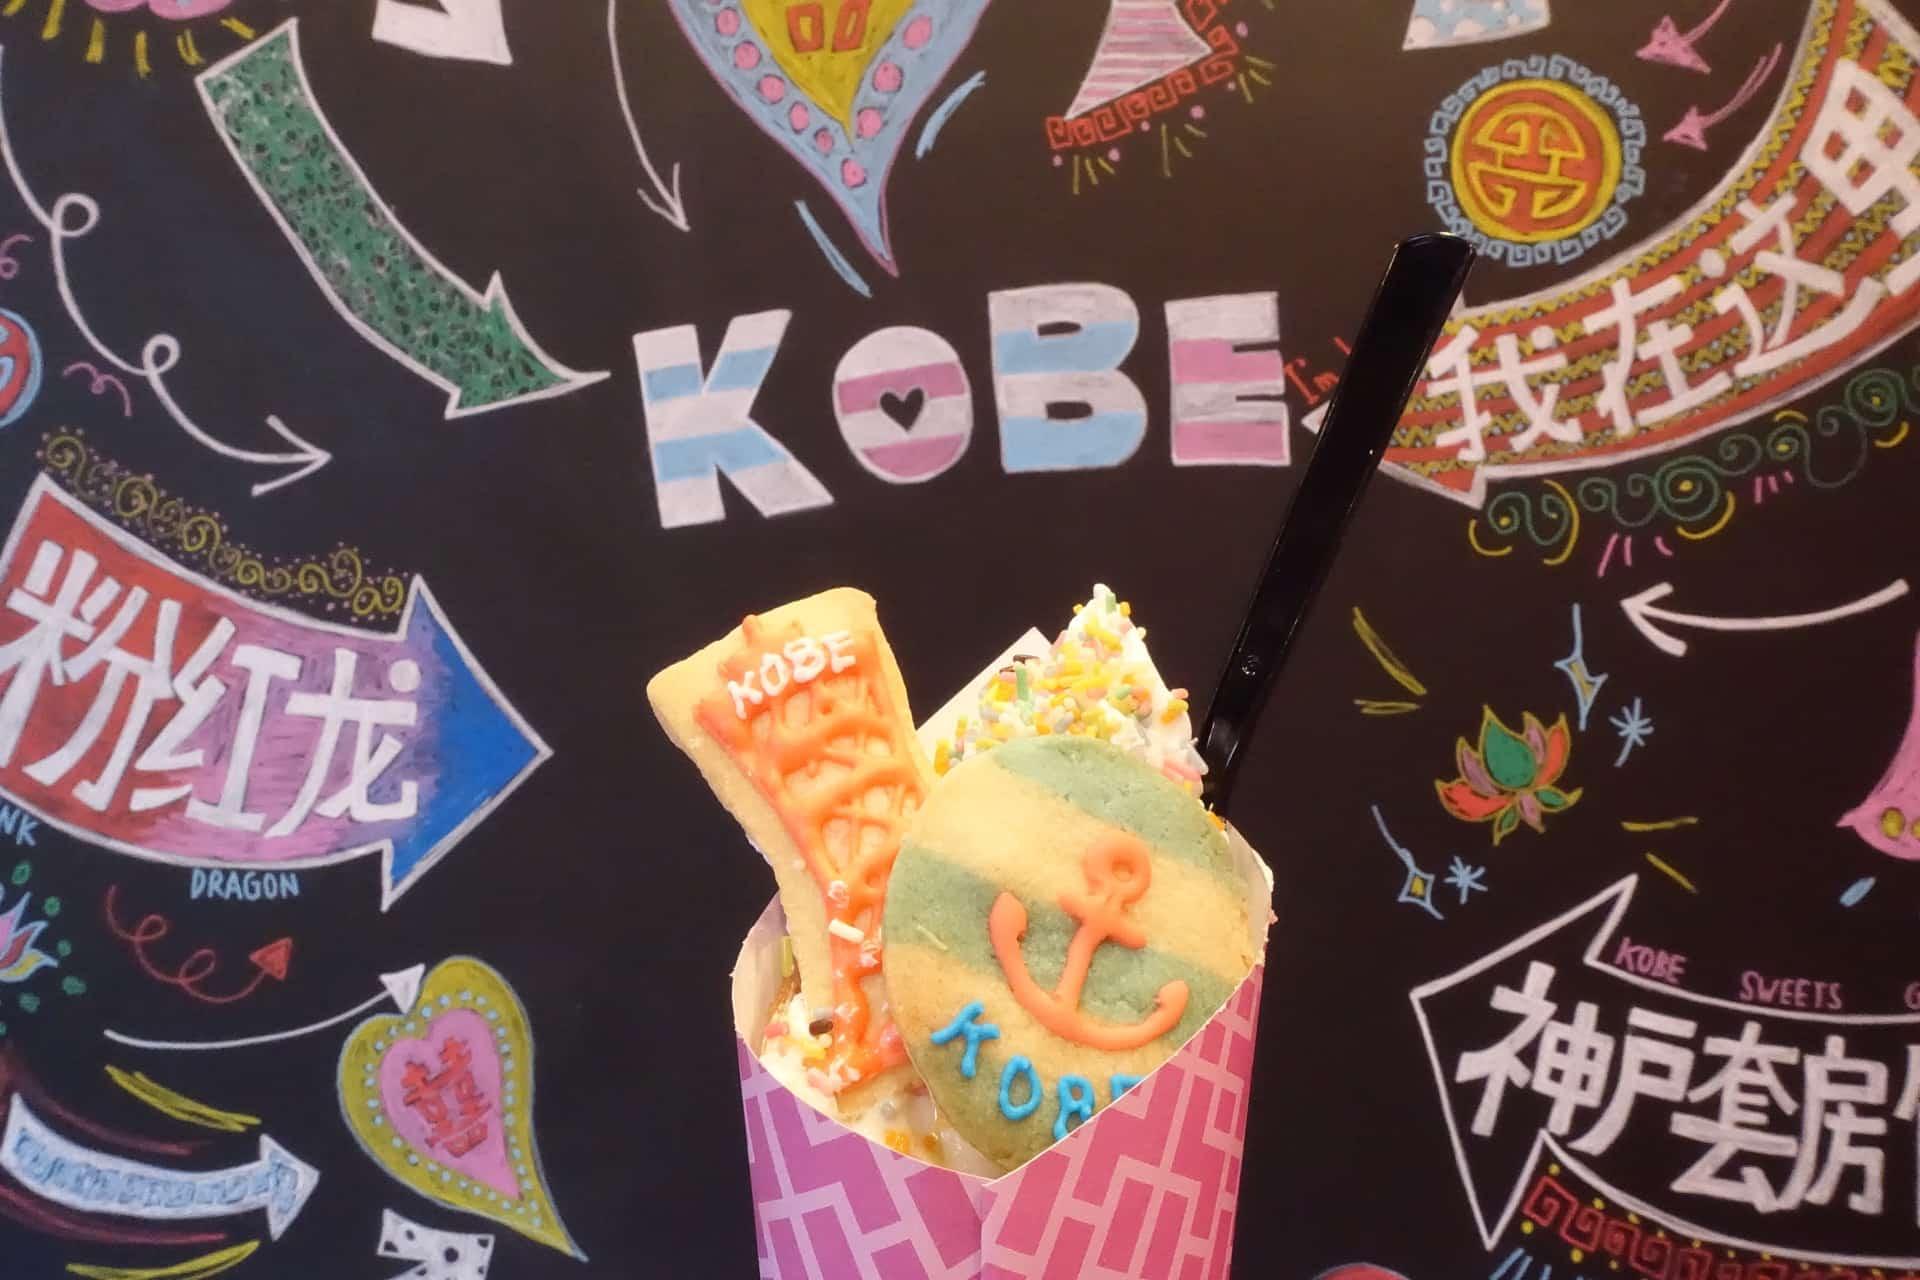 神戸スイーツ餃子 ピンクドラゴン − インスタ映え抜群の神戸の新定番!トッピングが可愛いよ